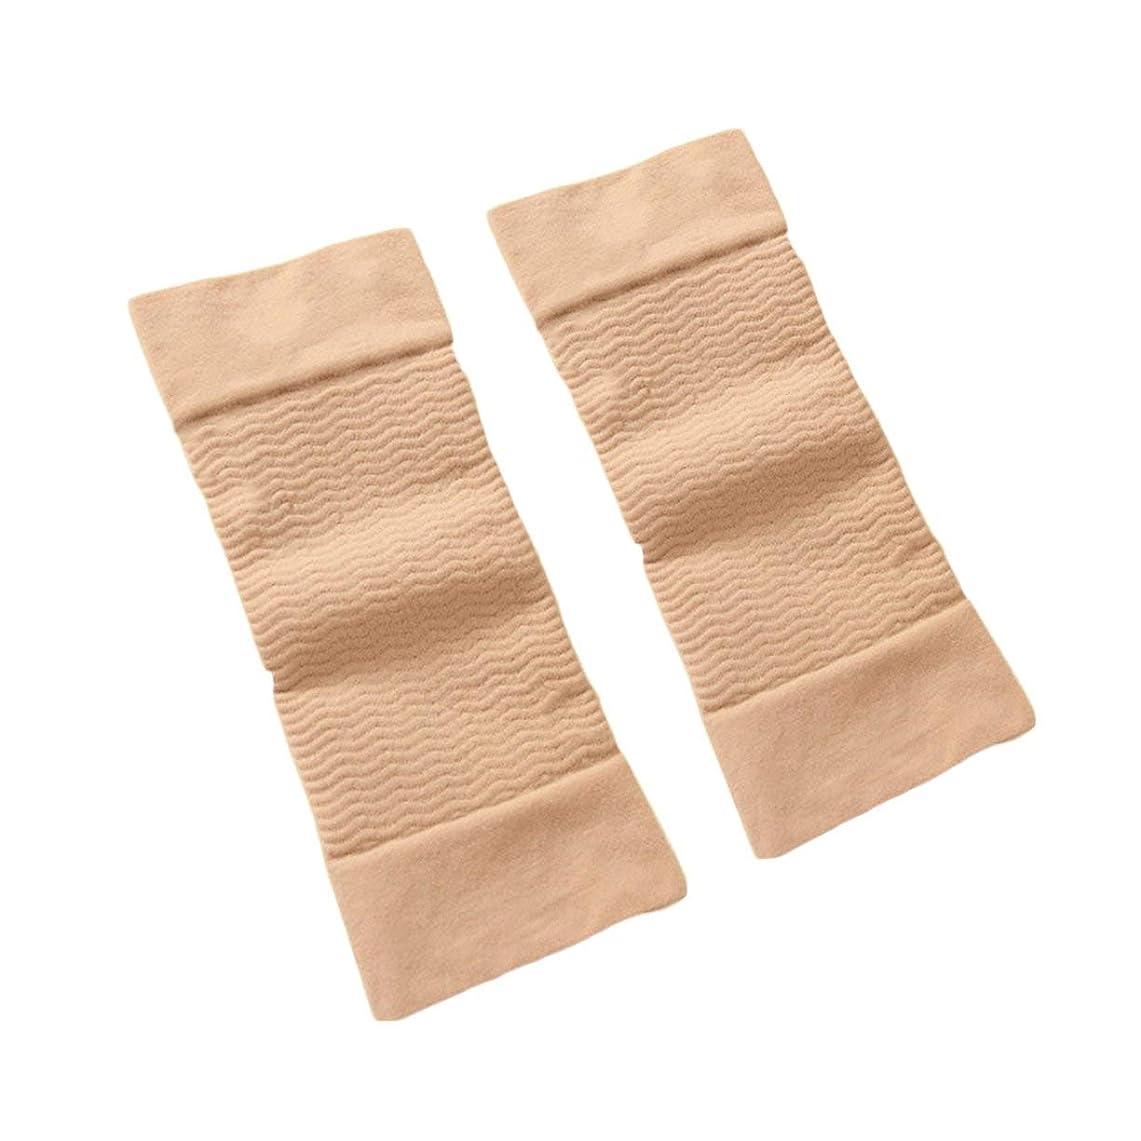 手のひら危機顔料1ペア420 D圧縮痩身アームスリーブワークアウトトーニングバーンセルライトシェイパー脂肪燃焼袖用女性 - 肌色